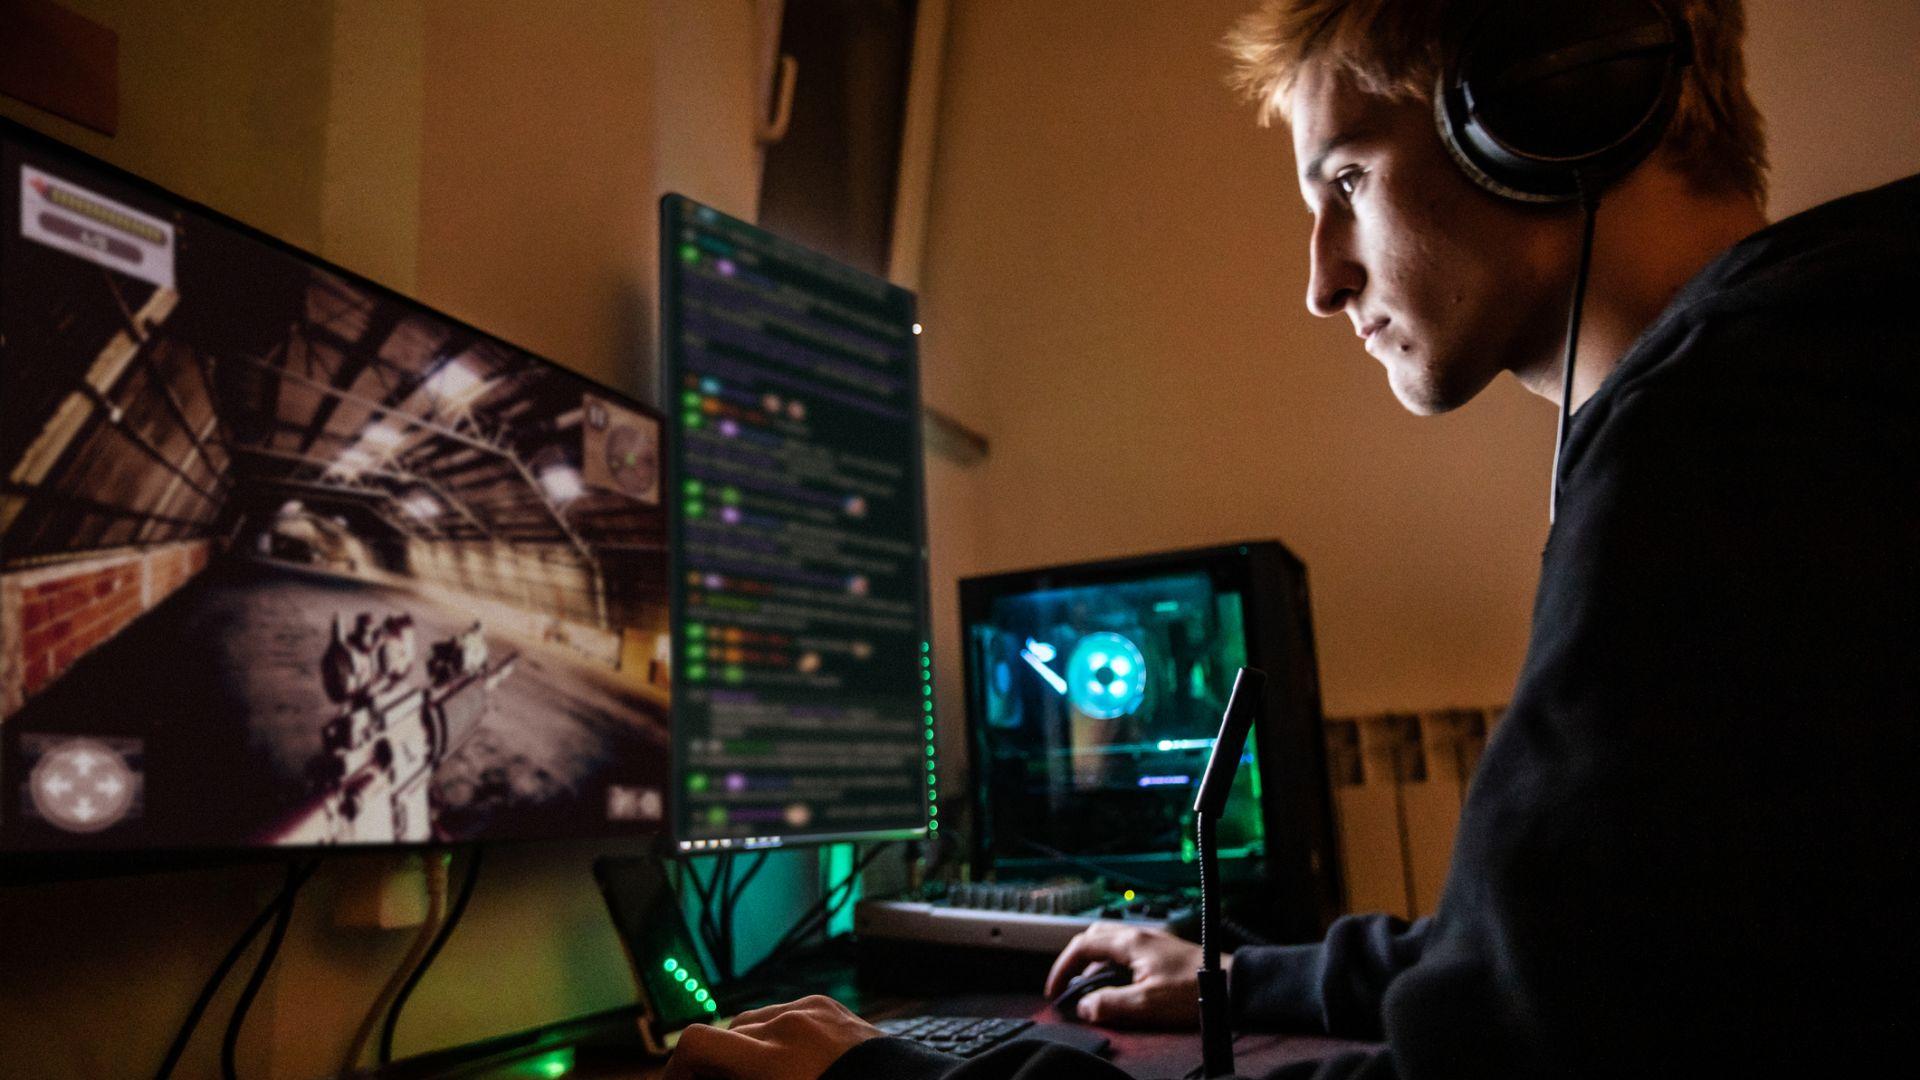 България падна до 52-ро място по скорост на интернета в света